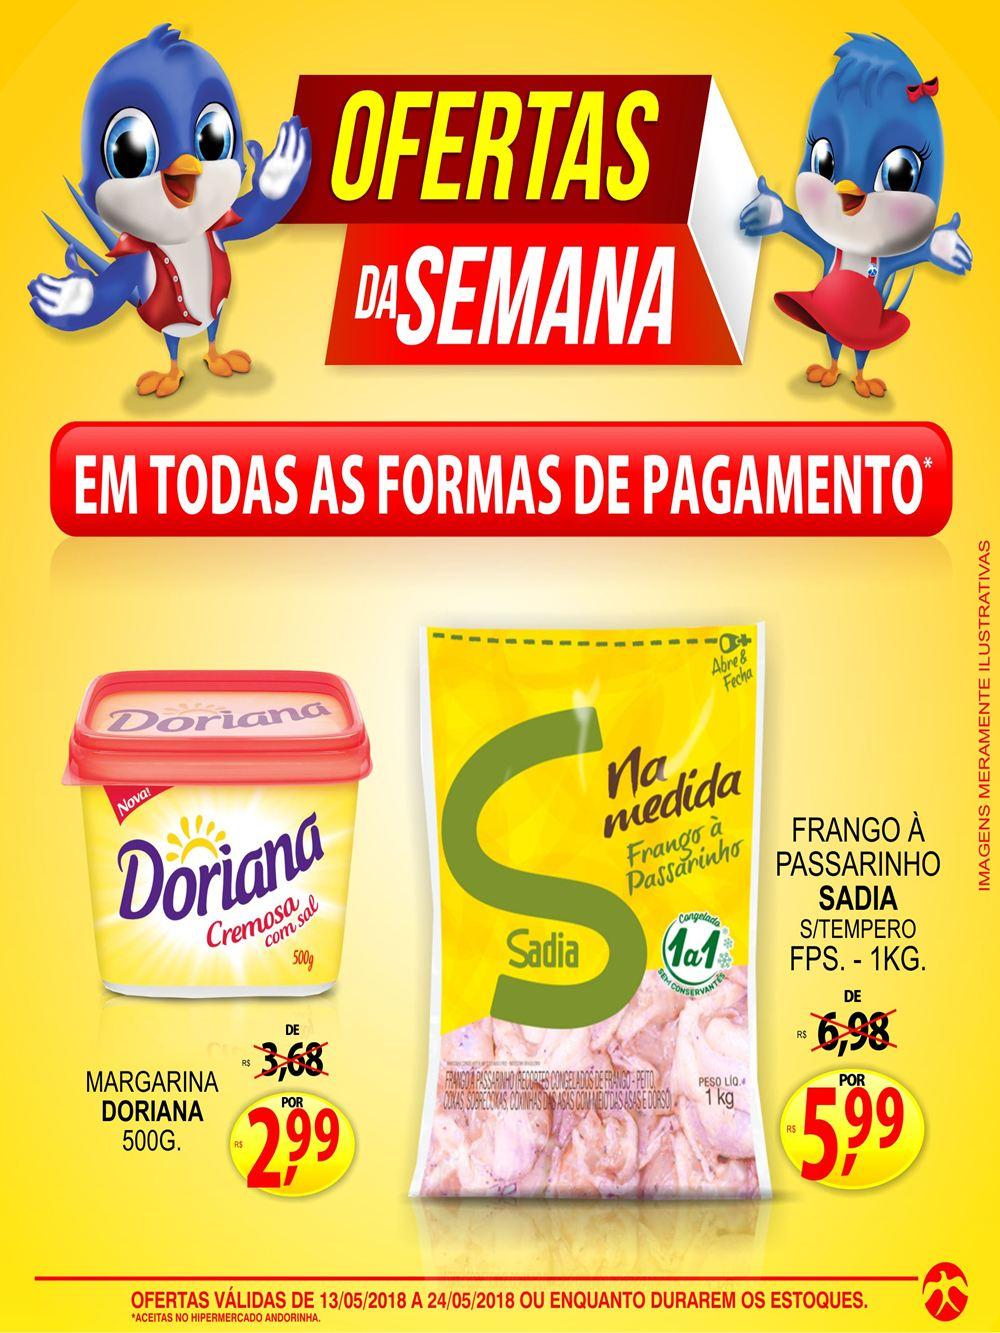 Ofertas-andorinha6-2 Andorinha até 24/05